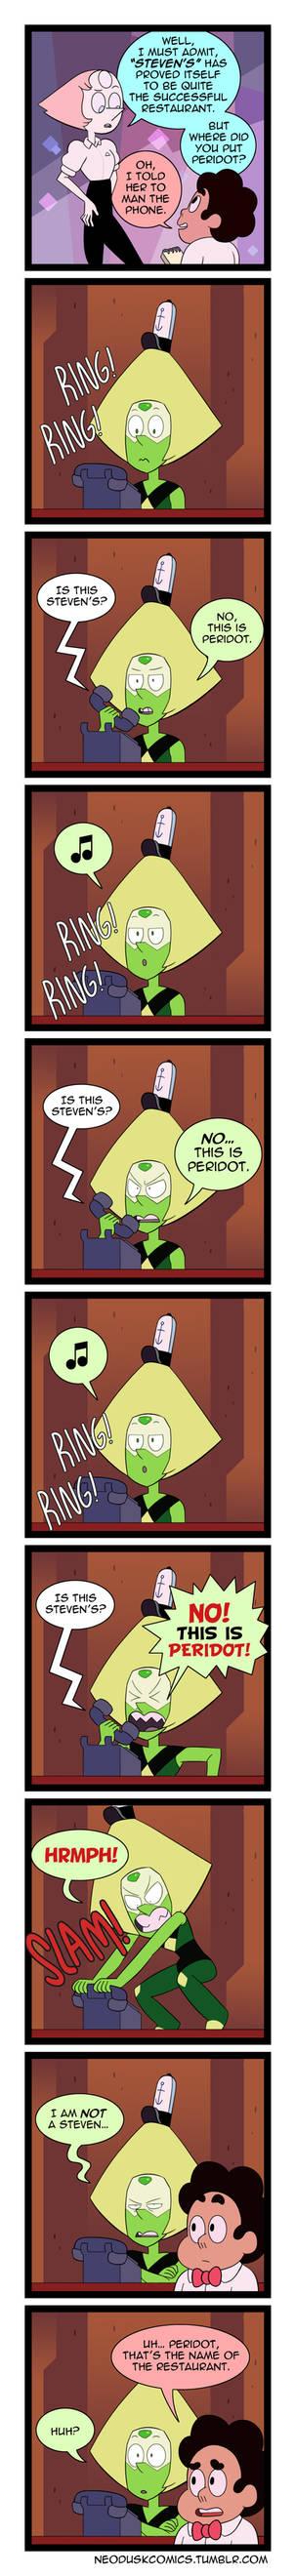 Steven Universe: Krusty Klod